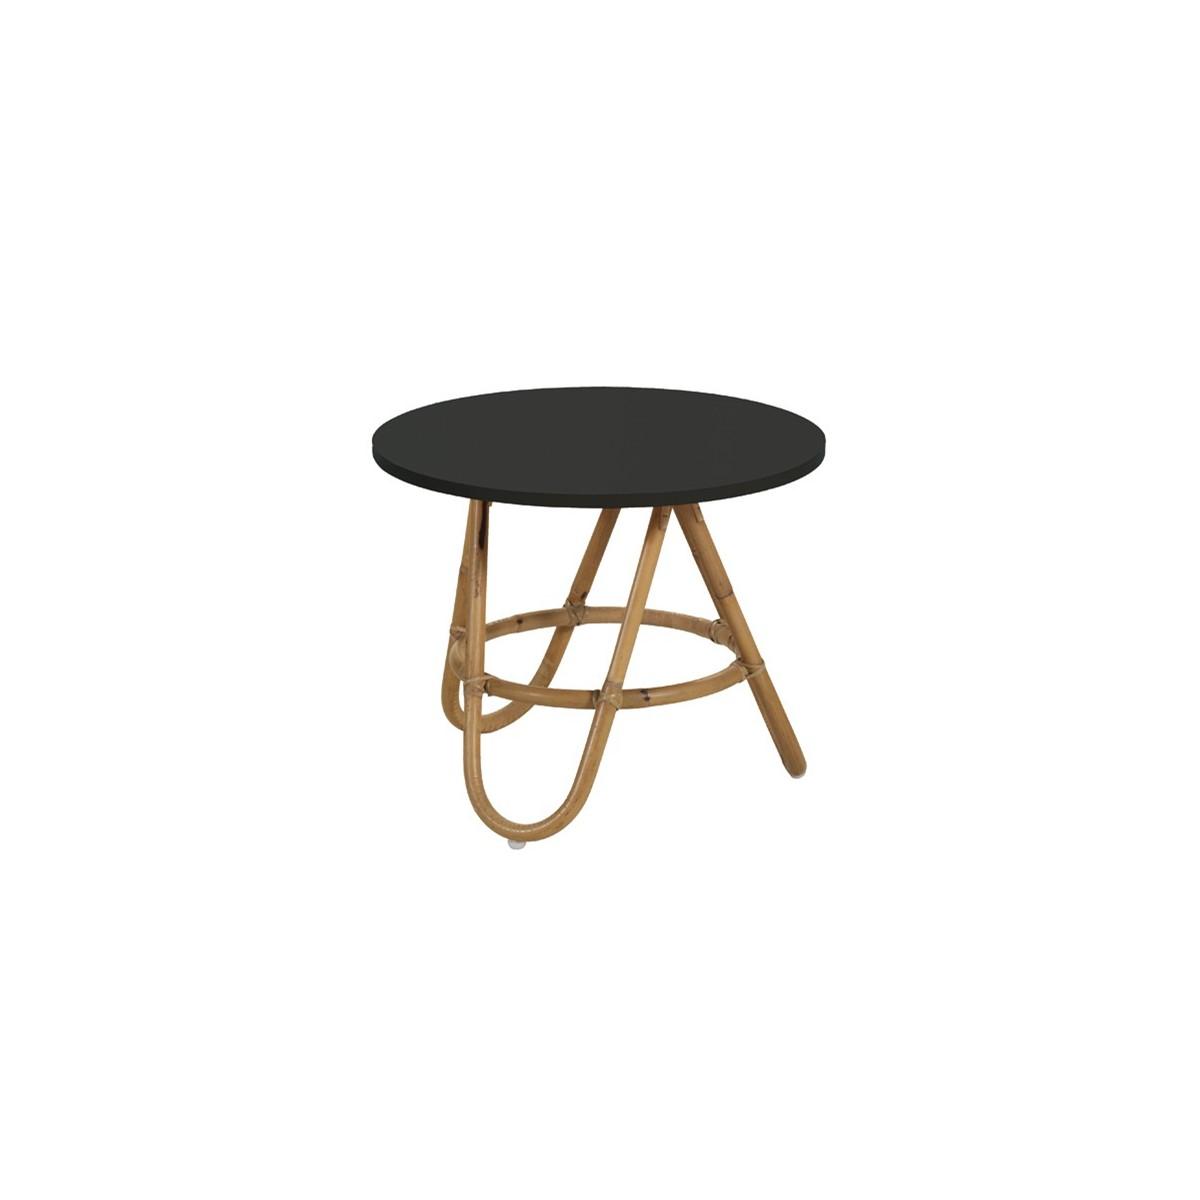 Table basse en rotin gigogne noir